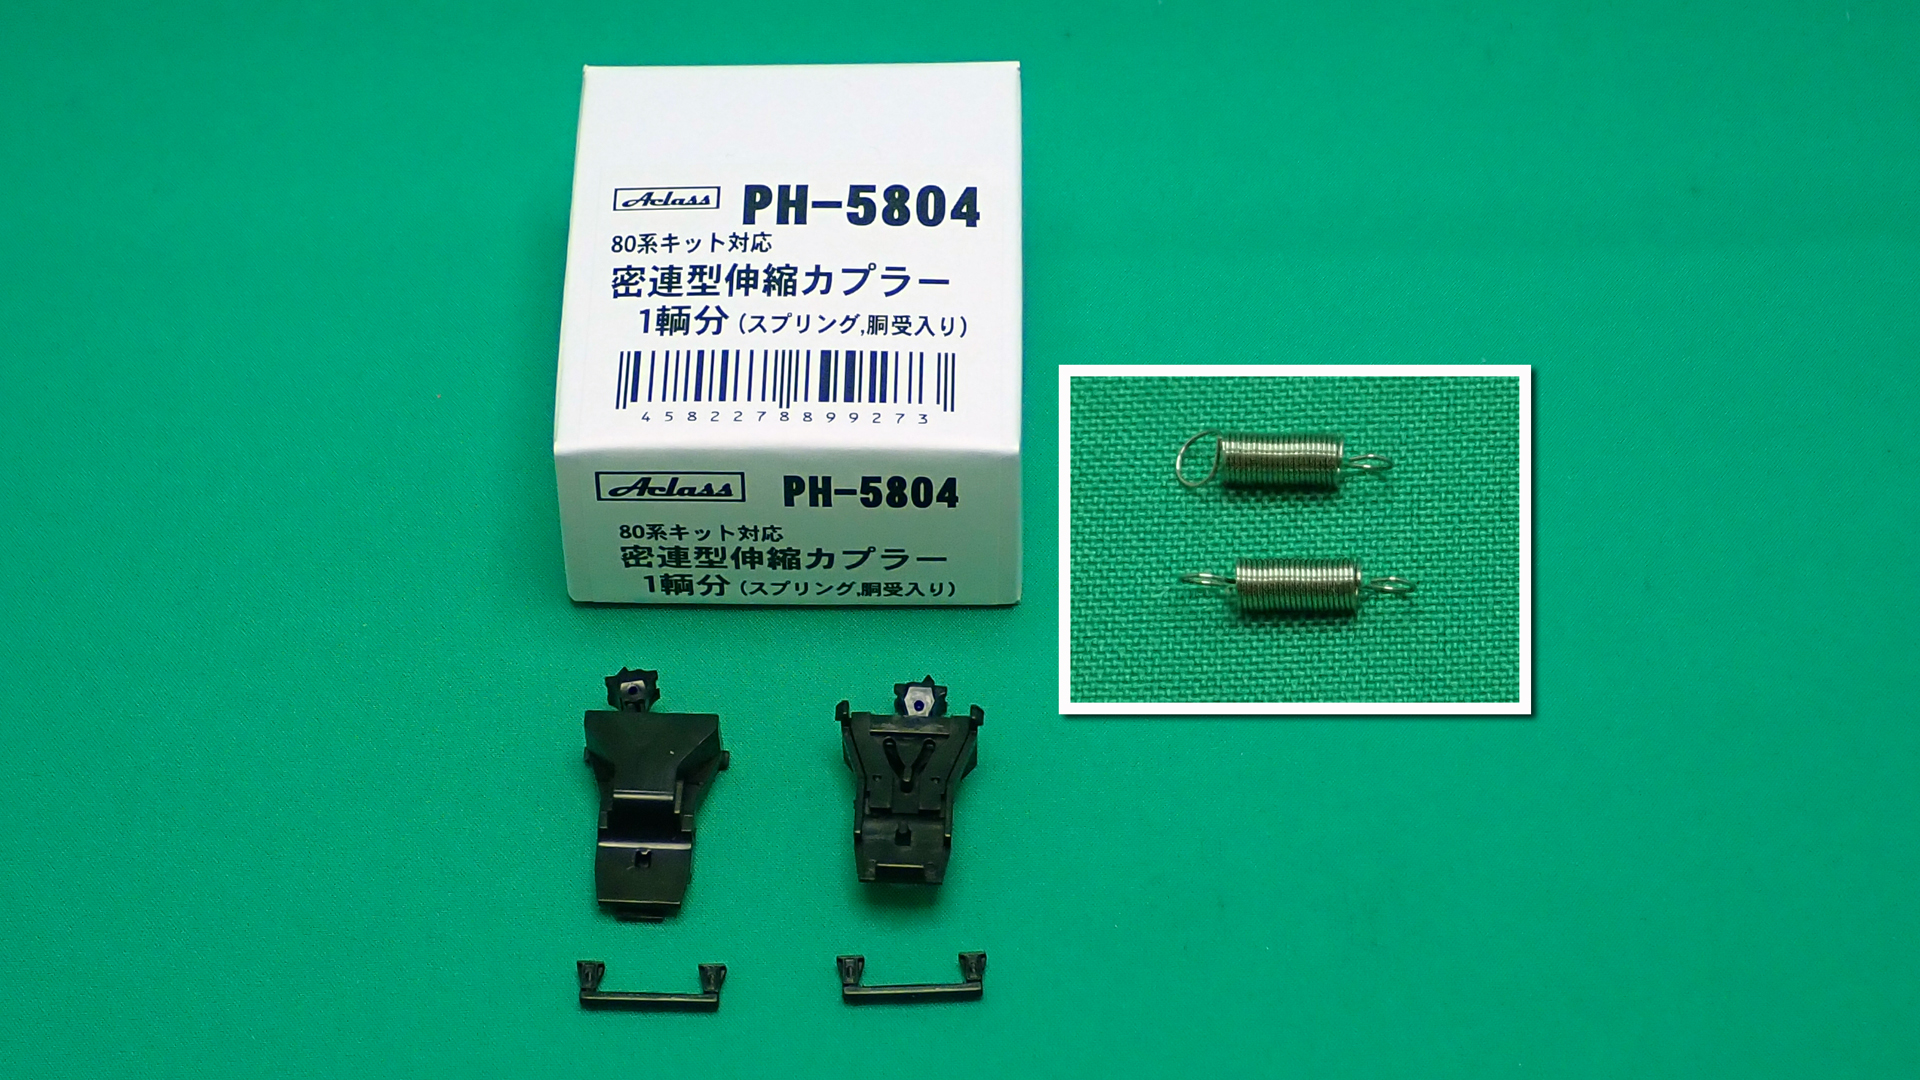 PH-5804 密連型伸縮カプラー1輌分